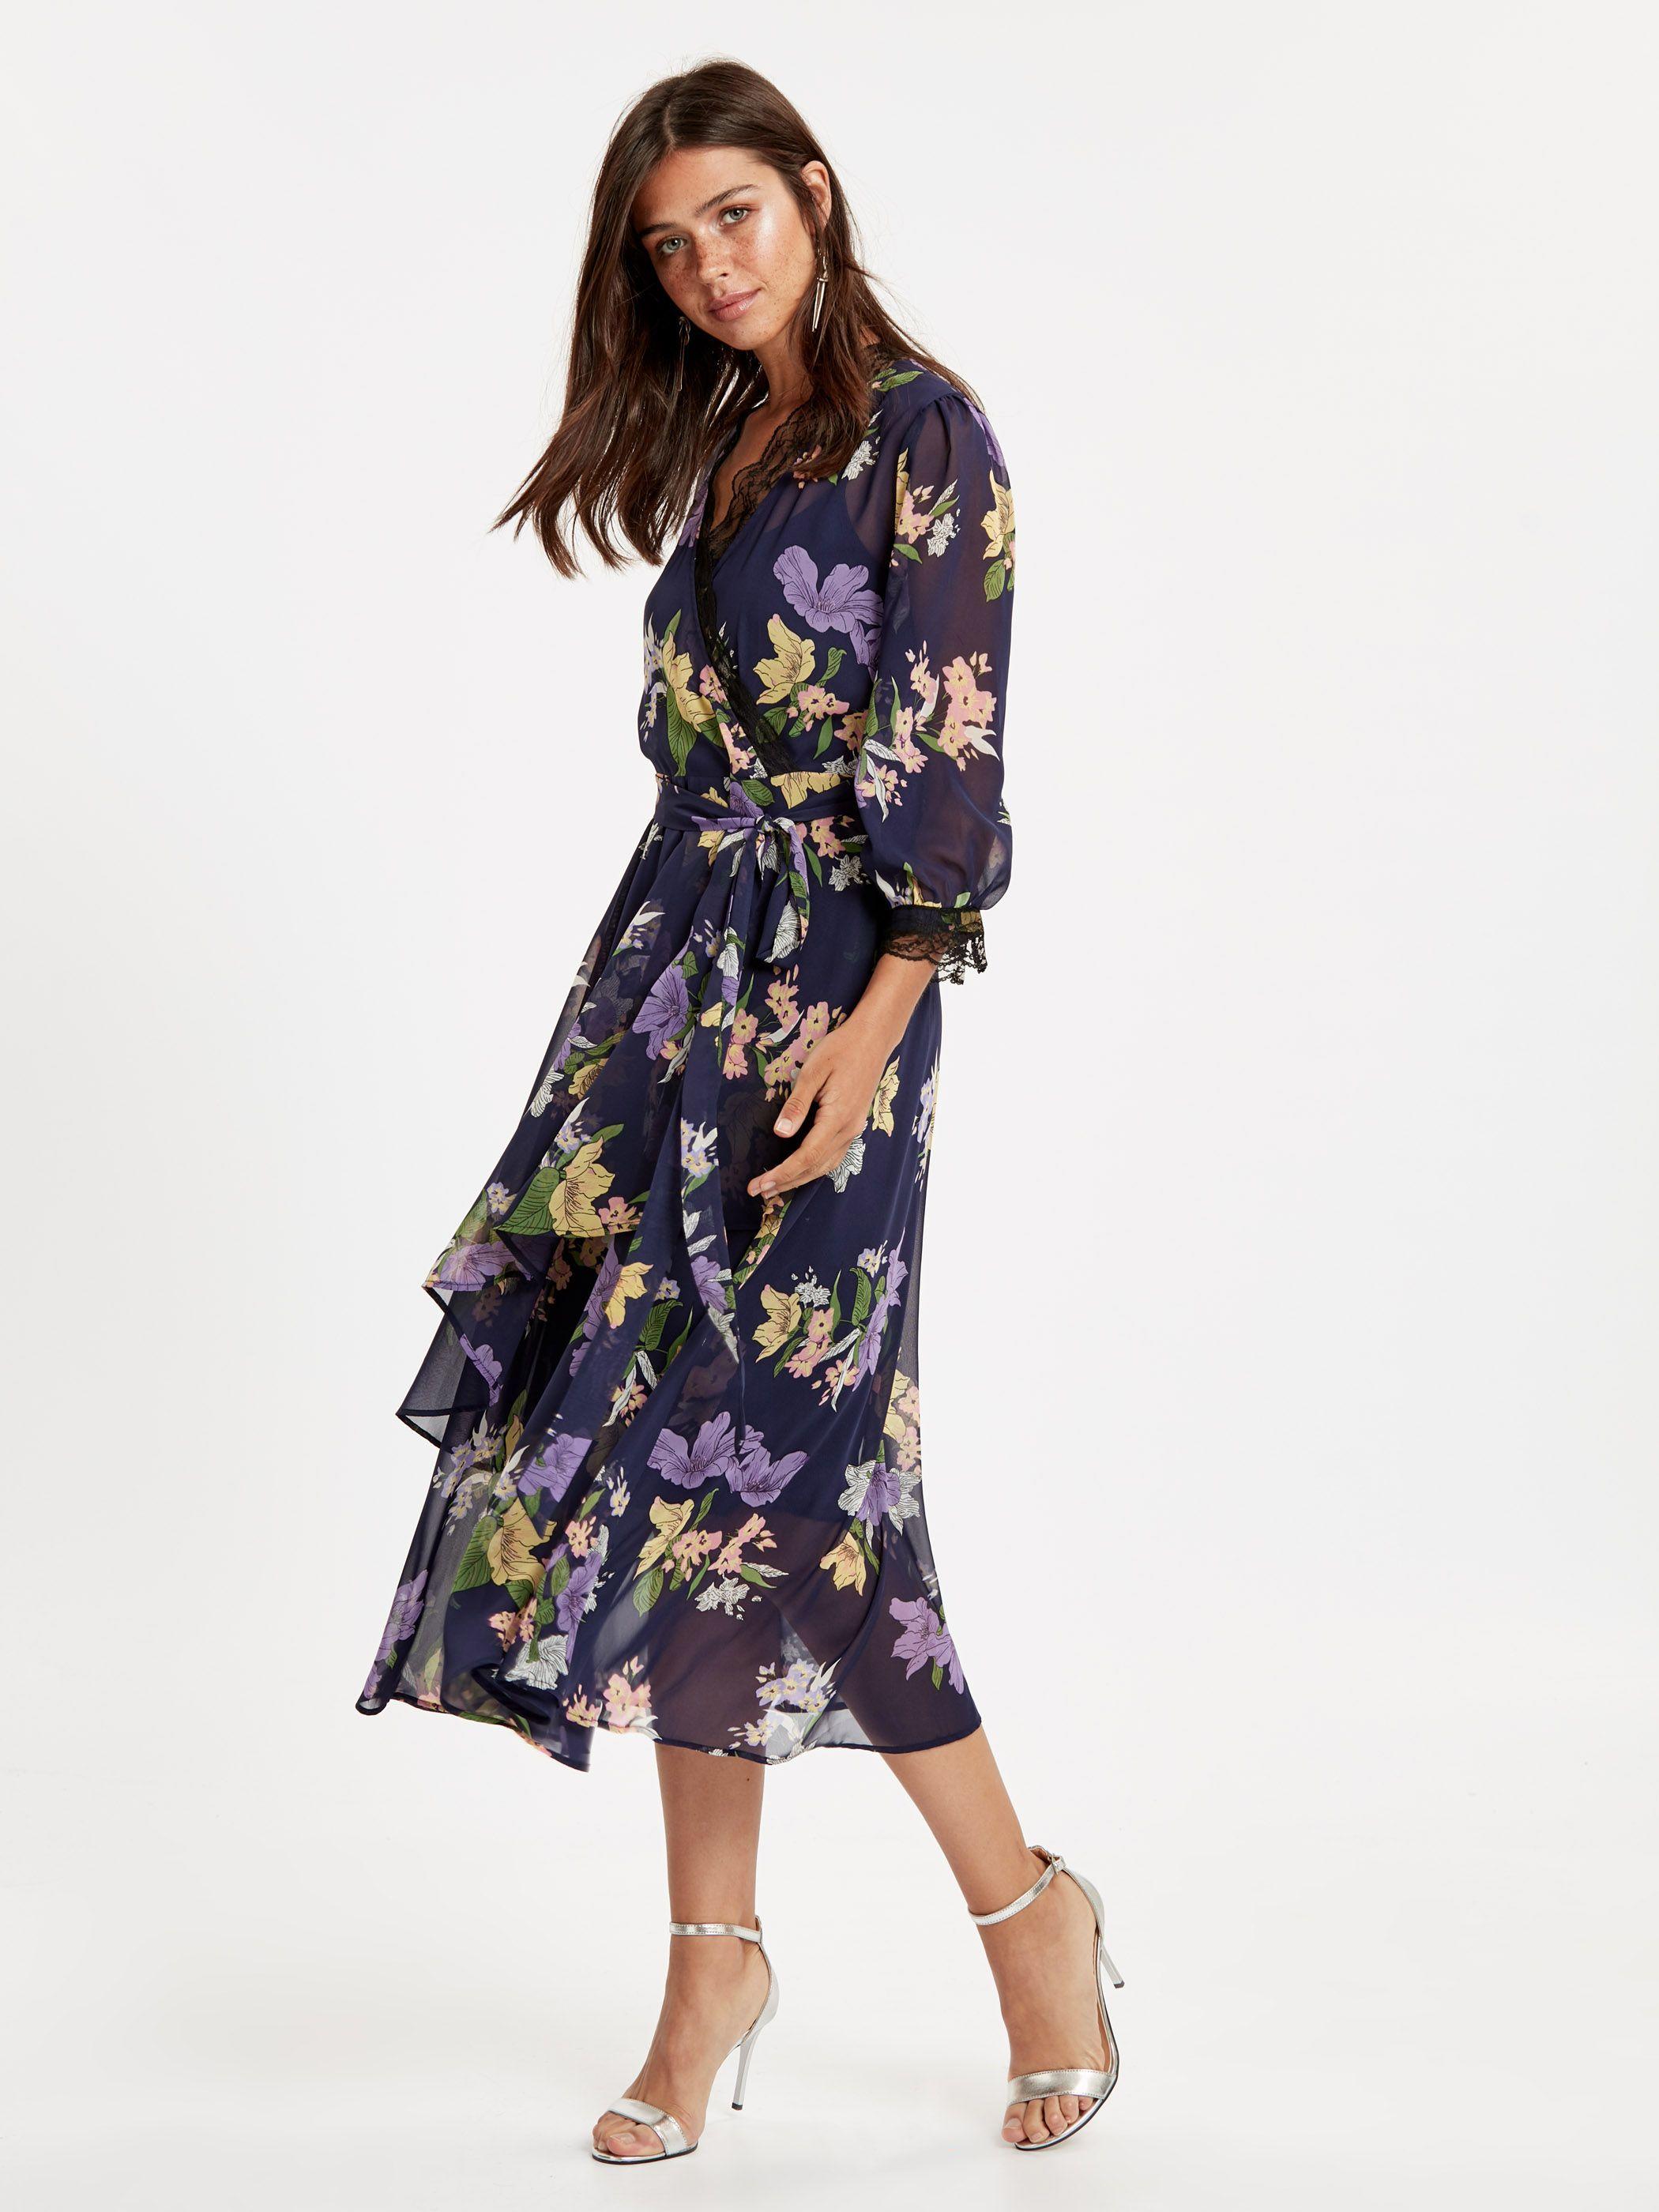 Dantel Detayli Cicek Desenli Kruvaze Sifon Elbise 8wh777z8 Lsj Lc Waikiki Elbise Sifon Elbise The Dress